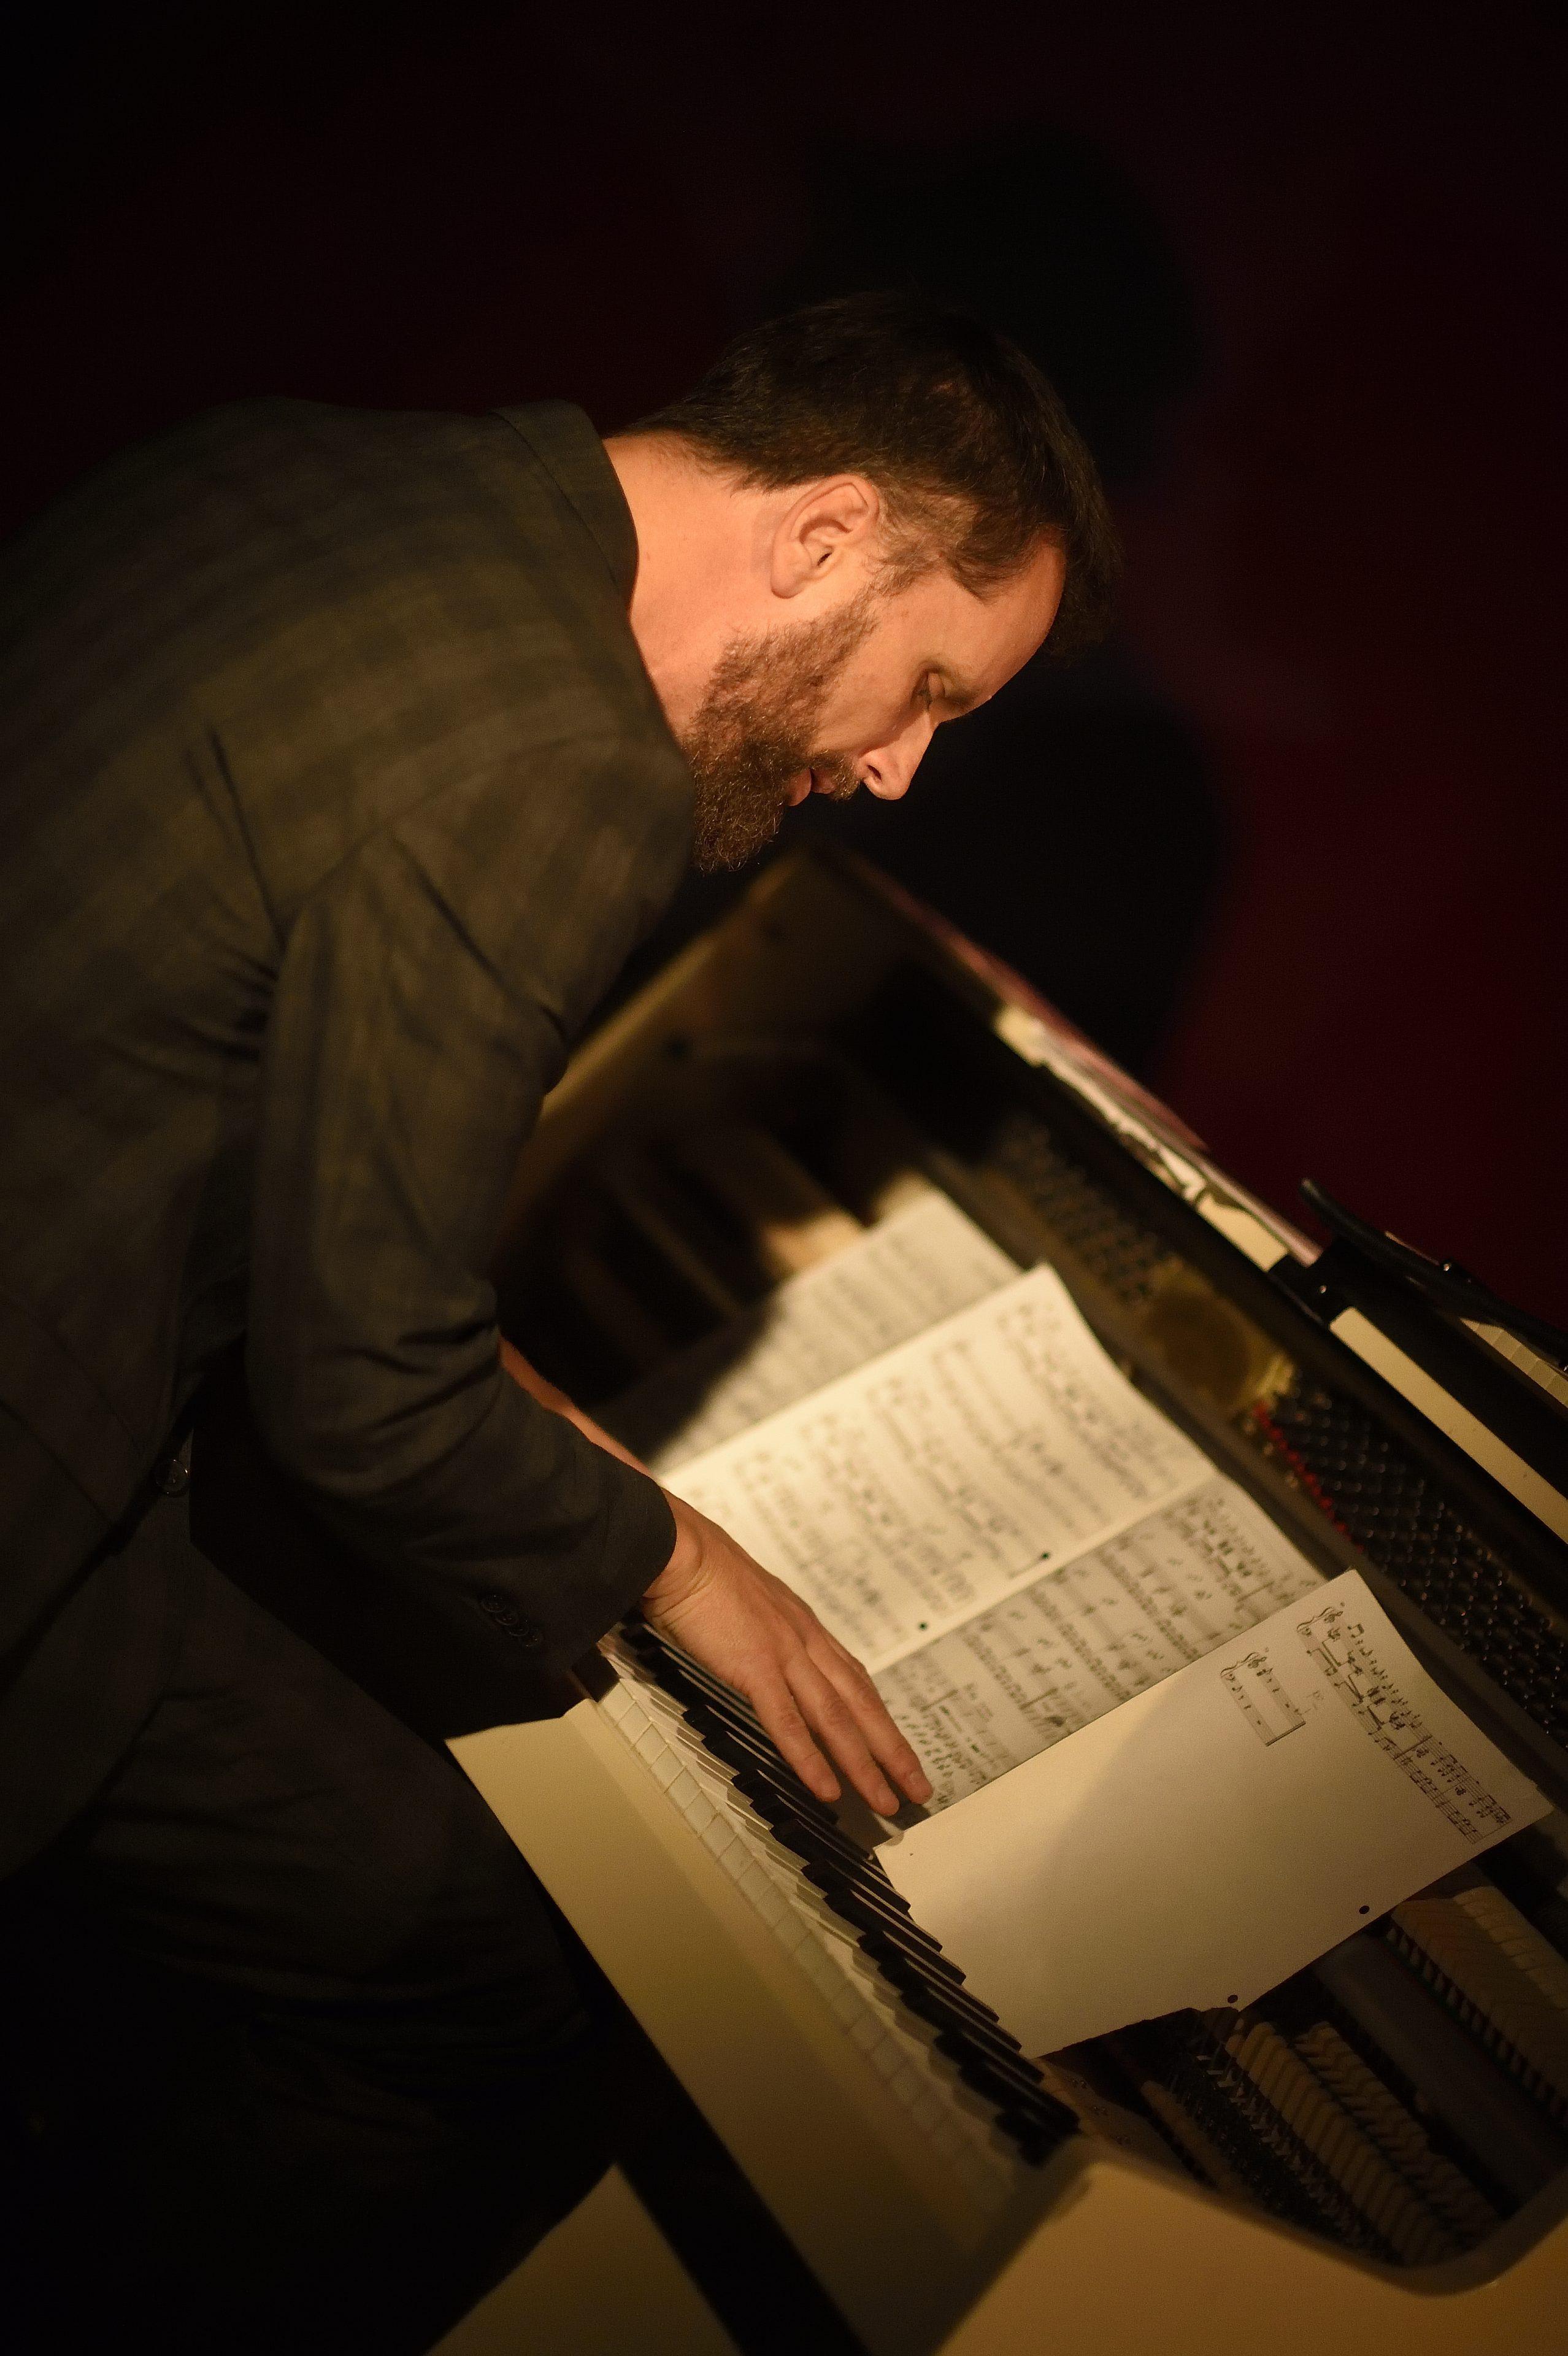 Superfro Walhalla Wiesbaden Simon Höneß Klavier Moderation Frowin Ickler Kontrabass Bassgitarre Jan Beiling Saxophon David Tröscher Perkussion Schlagzeug Jazz 16.05.2019